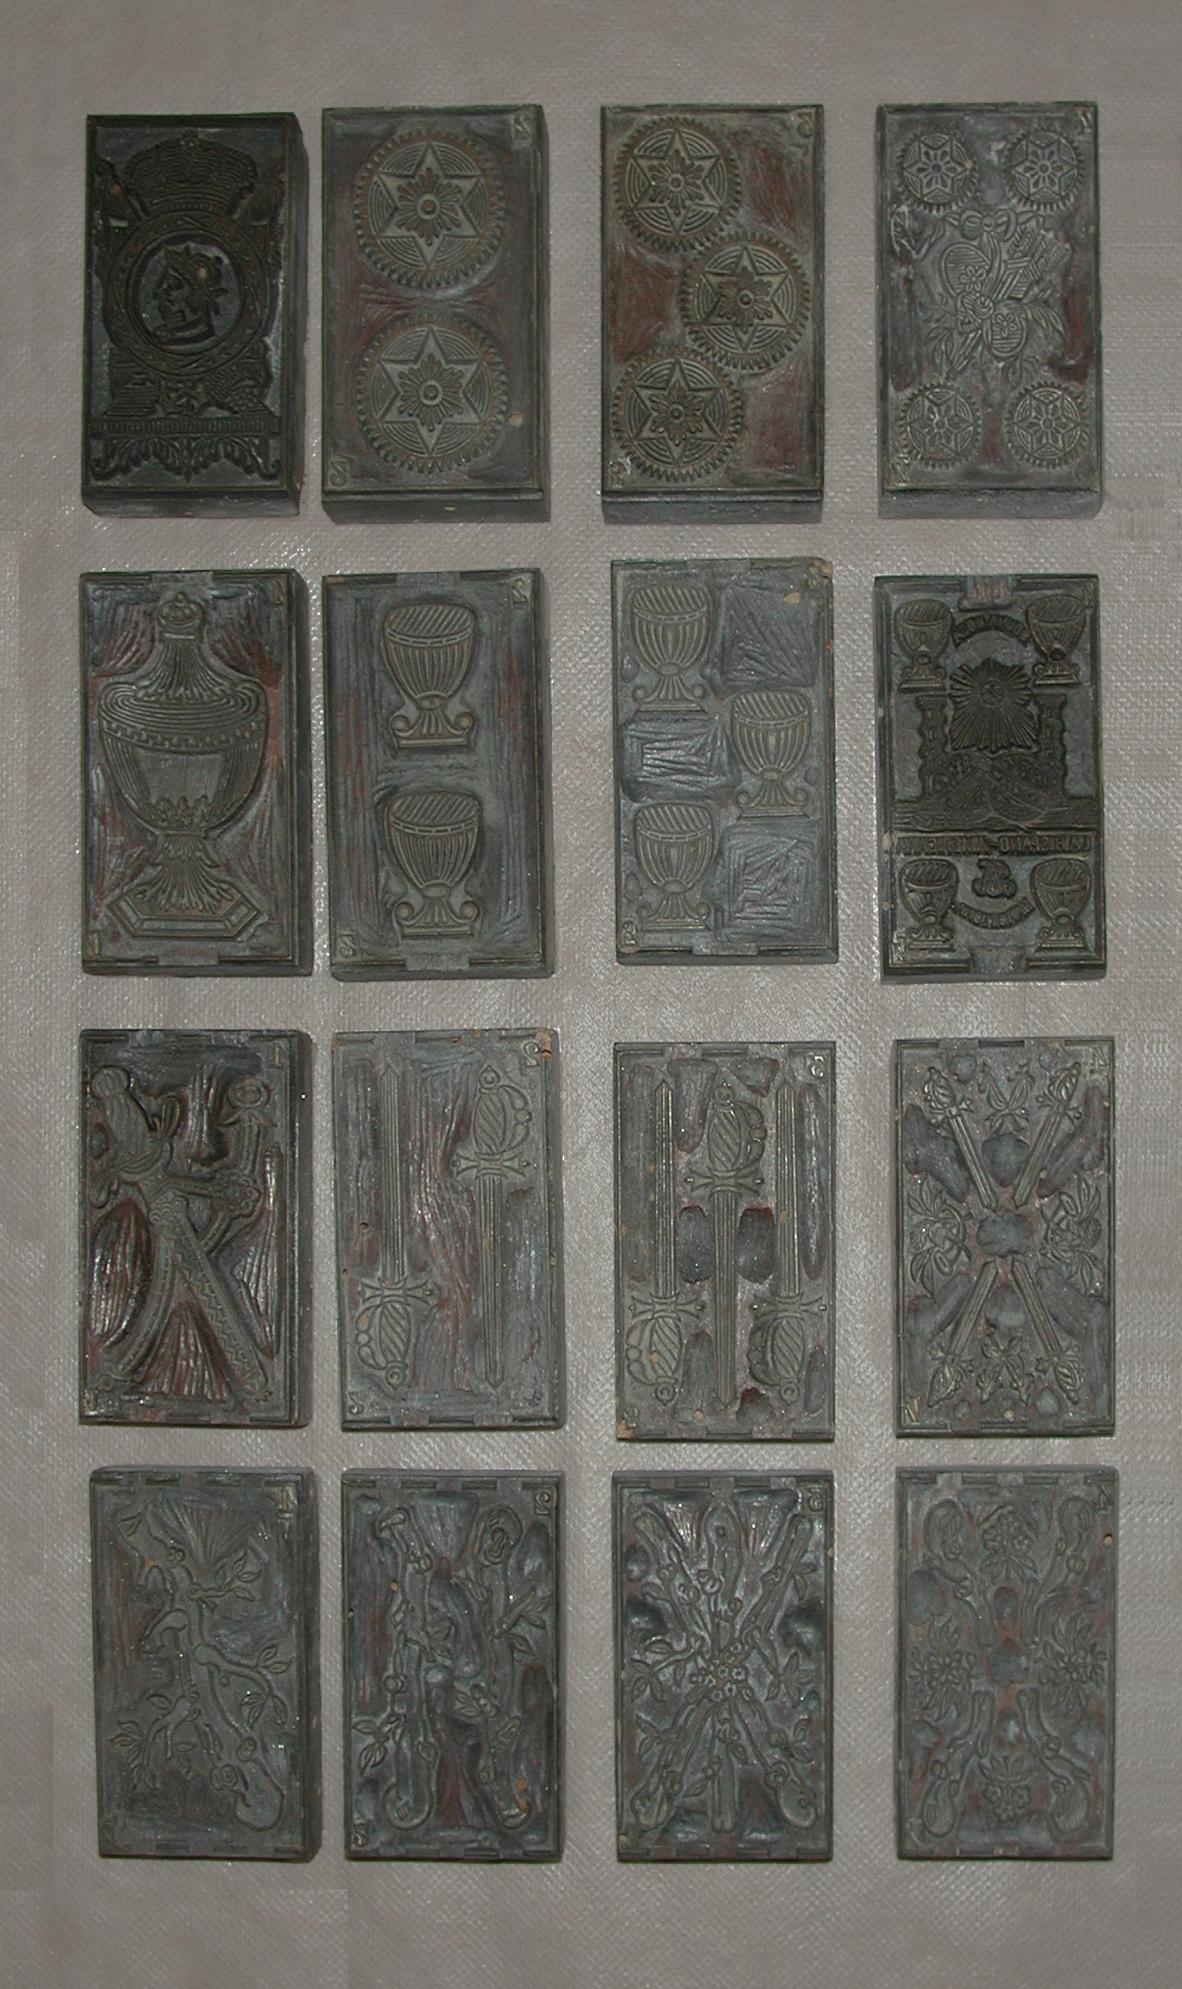 Cuarenta y ocho tallas de madera de boj en tacos sueltos para baraja de estilo catalán. La Hispano Americana